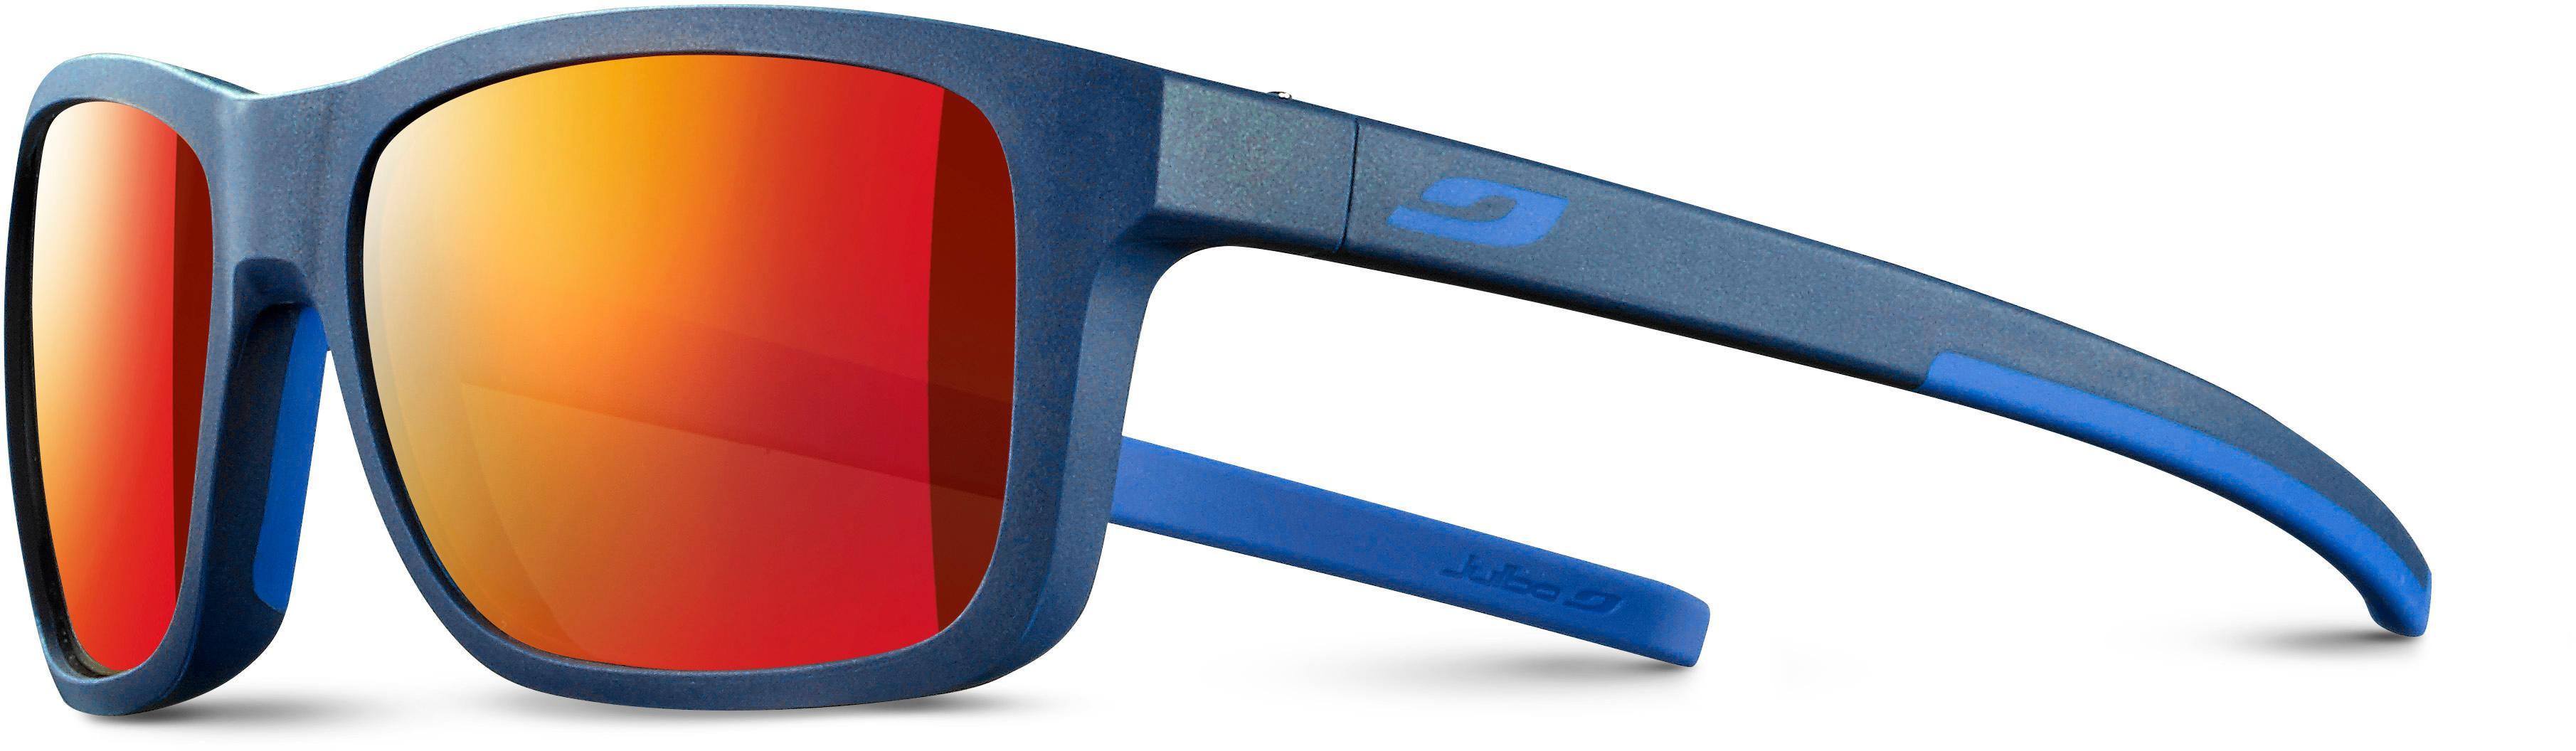 brillen von julbo im online shop von sportscheck kaufenjulbo line sonnenbrille kinder dunkelblau blau